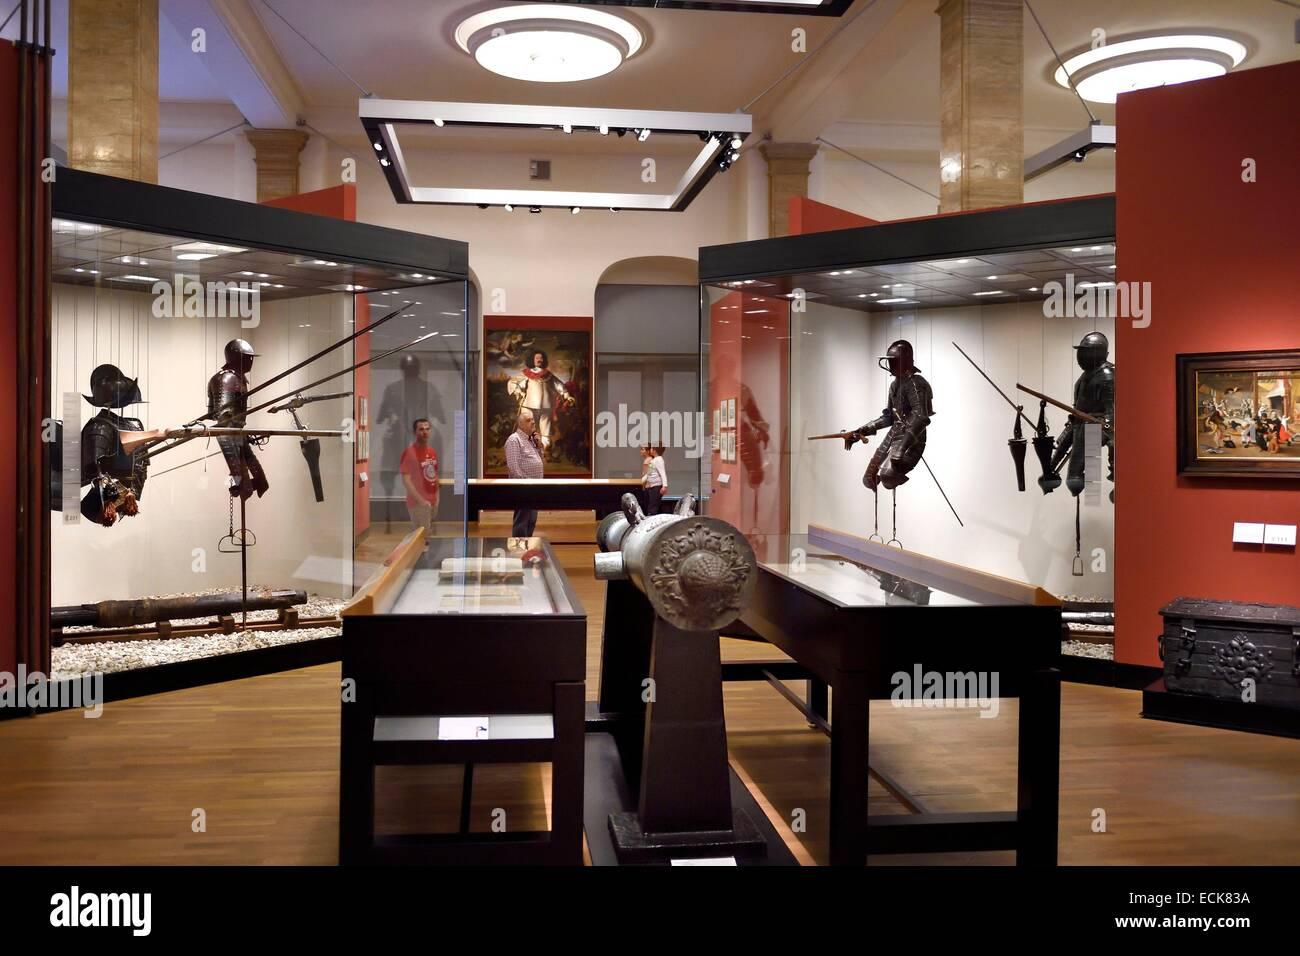 Germany, Berlin, the Deutsches Historisches Museum (German Historical Museum) - Stock Image